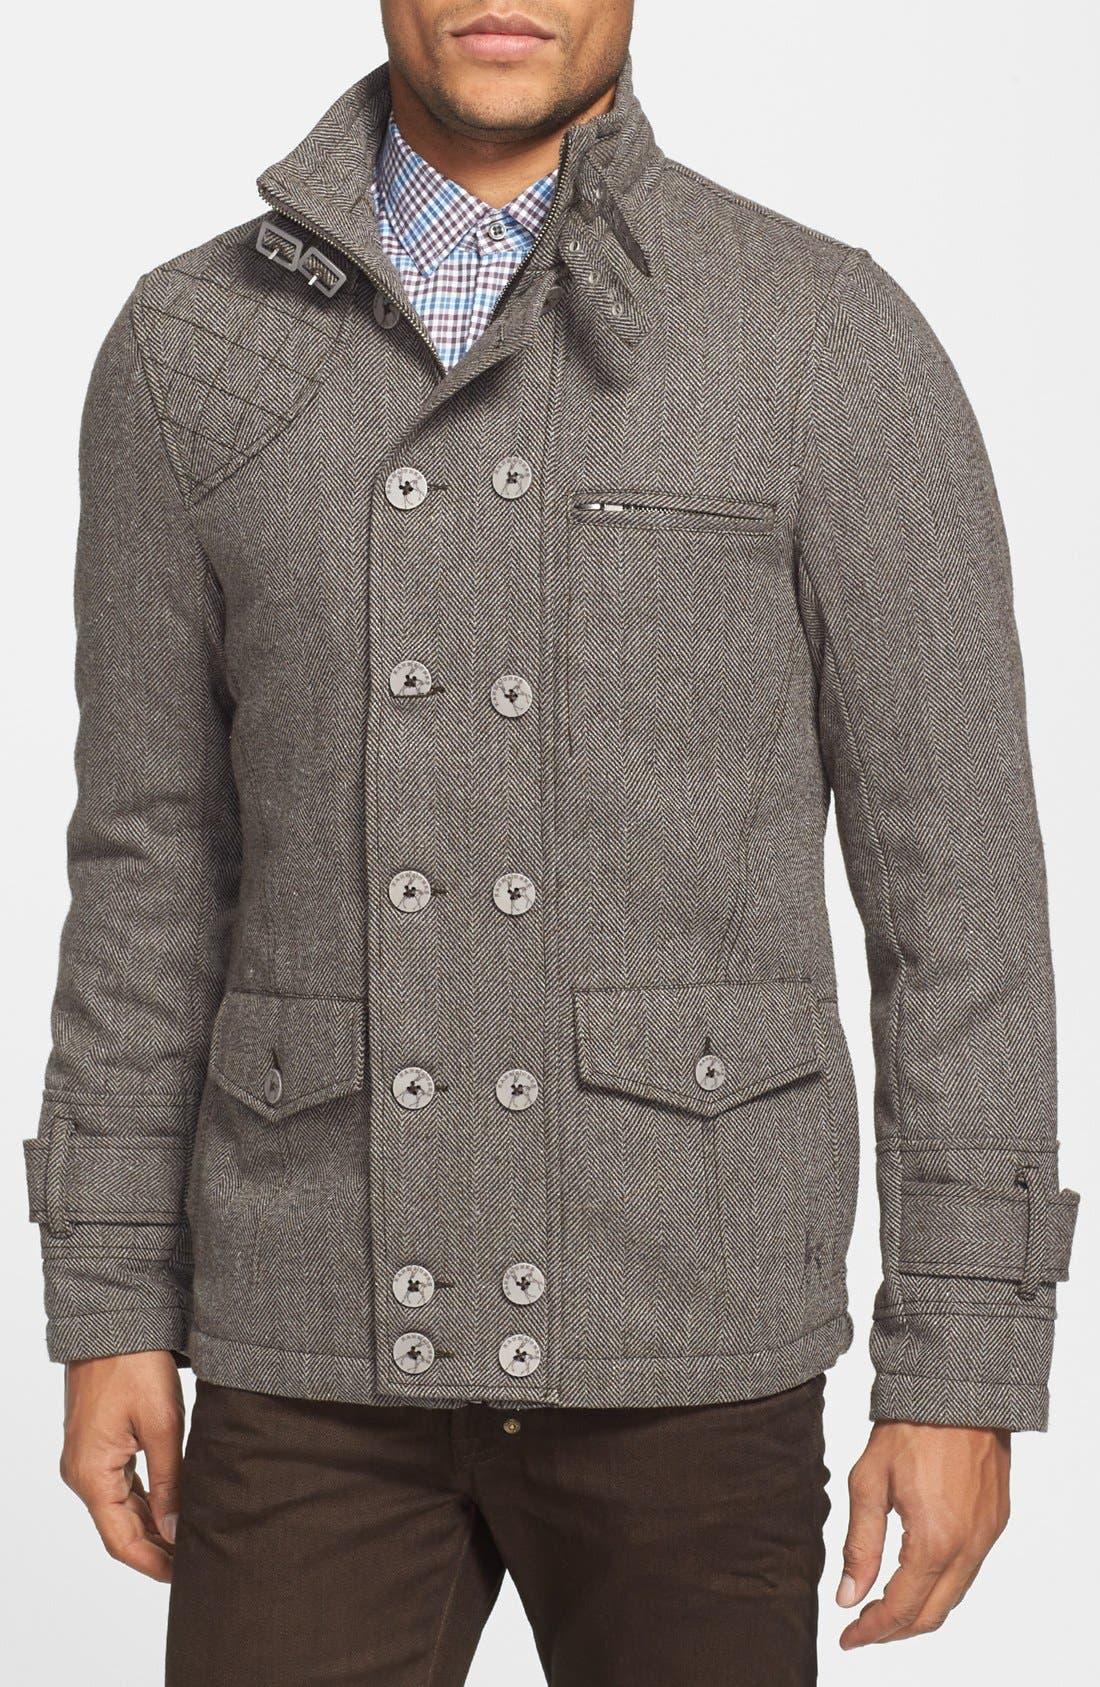 Main Image - Kane & Unke Herringbone Jacket